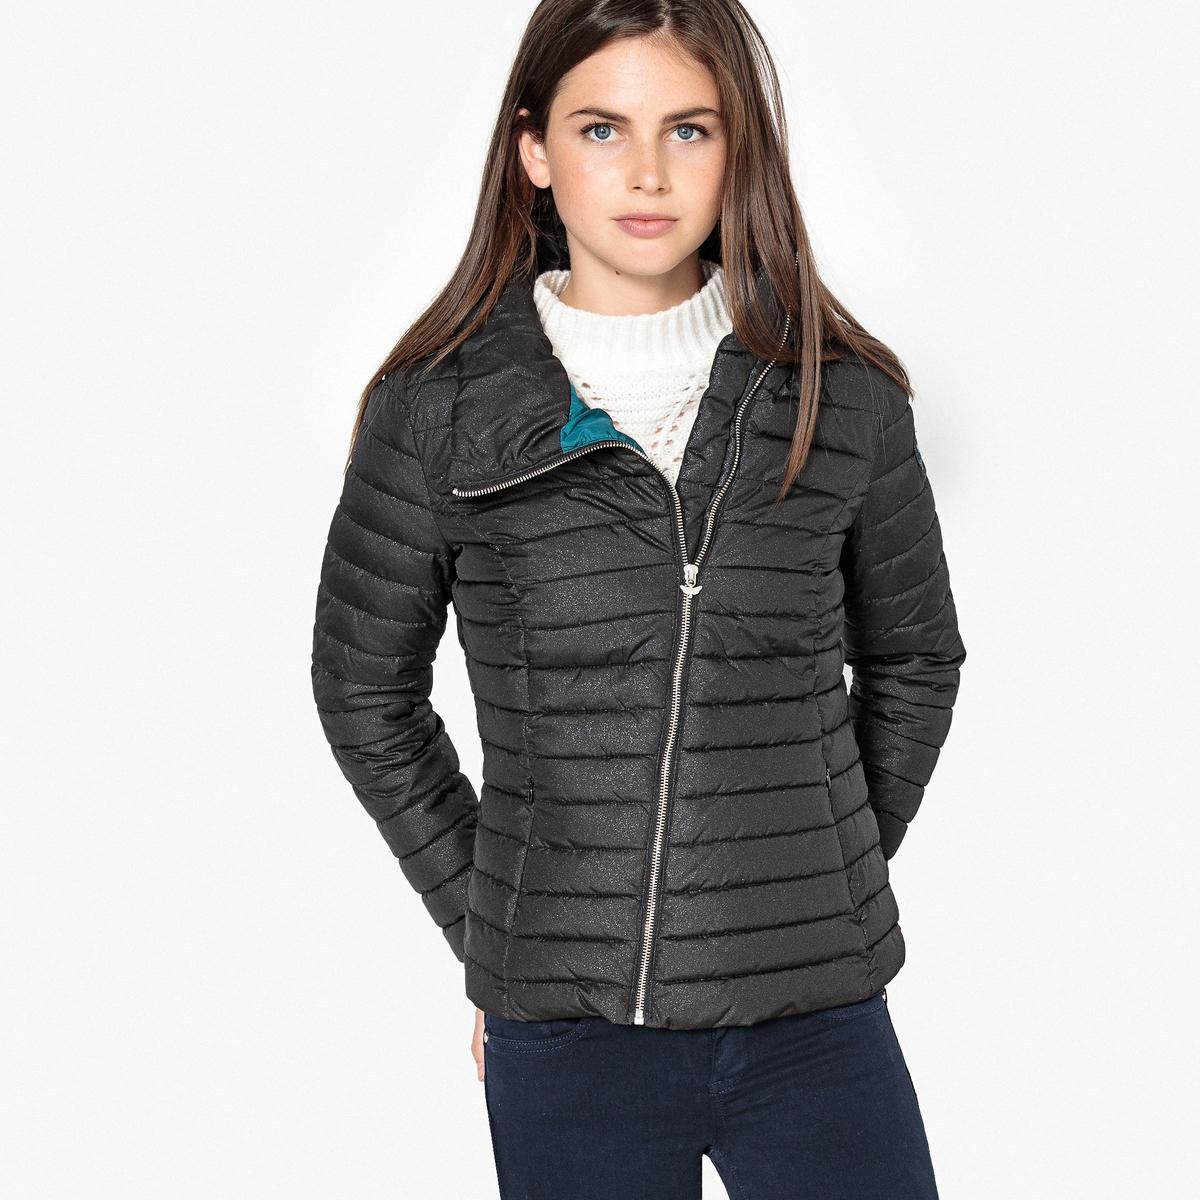 Kurze Steppjacke mit asymmetrischem Reissverschluss   Bekleidung > Jacken > Daunenjacken & Steppjacken   Polyester   LPB WOMAN